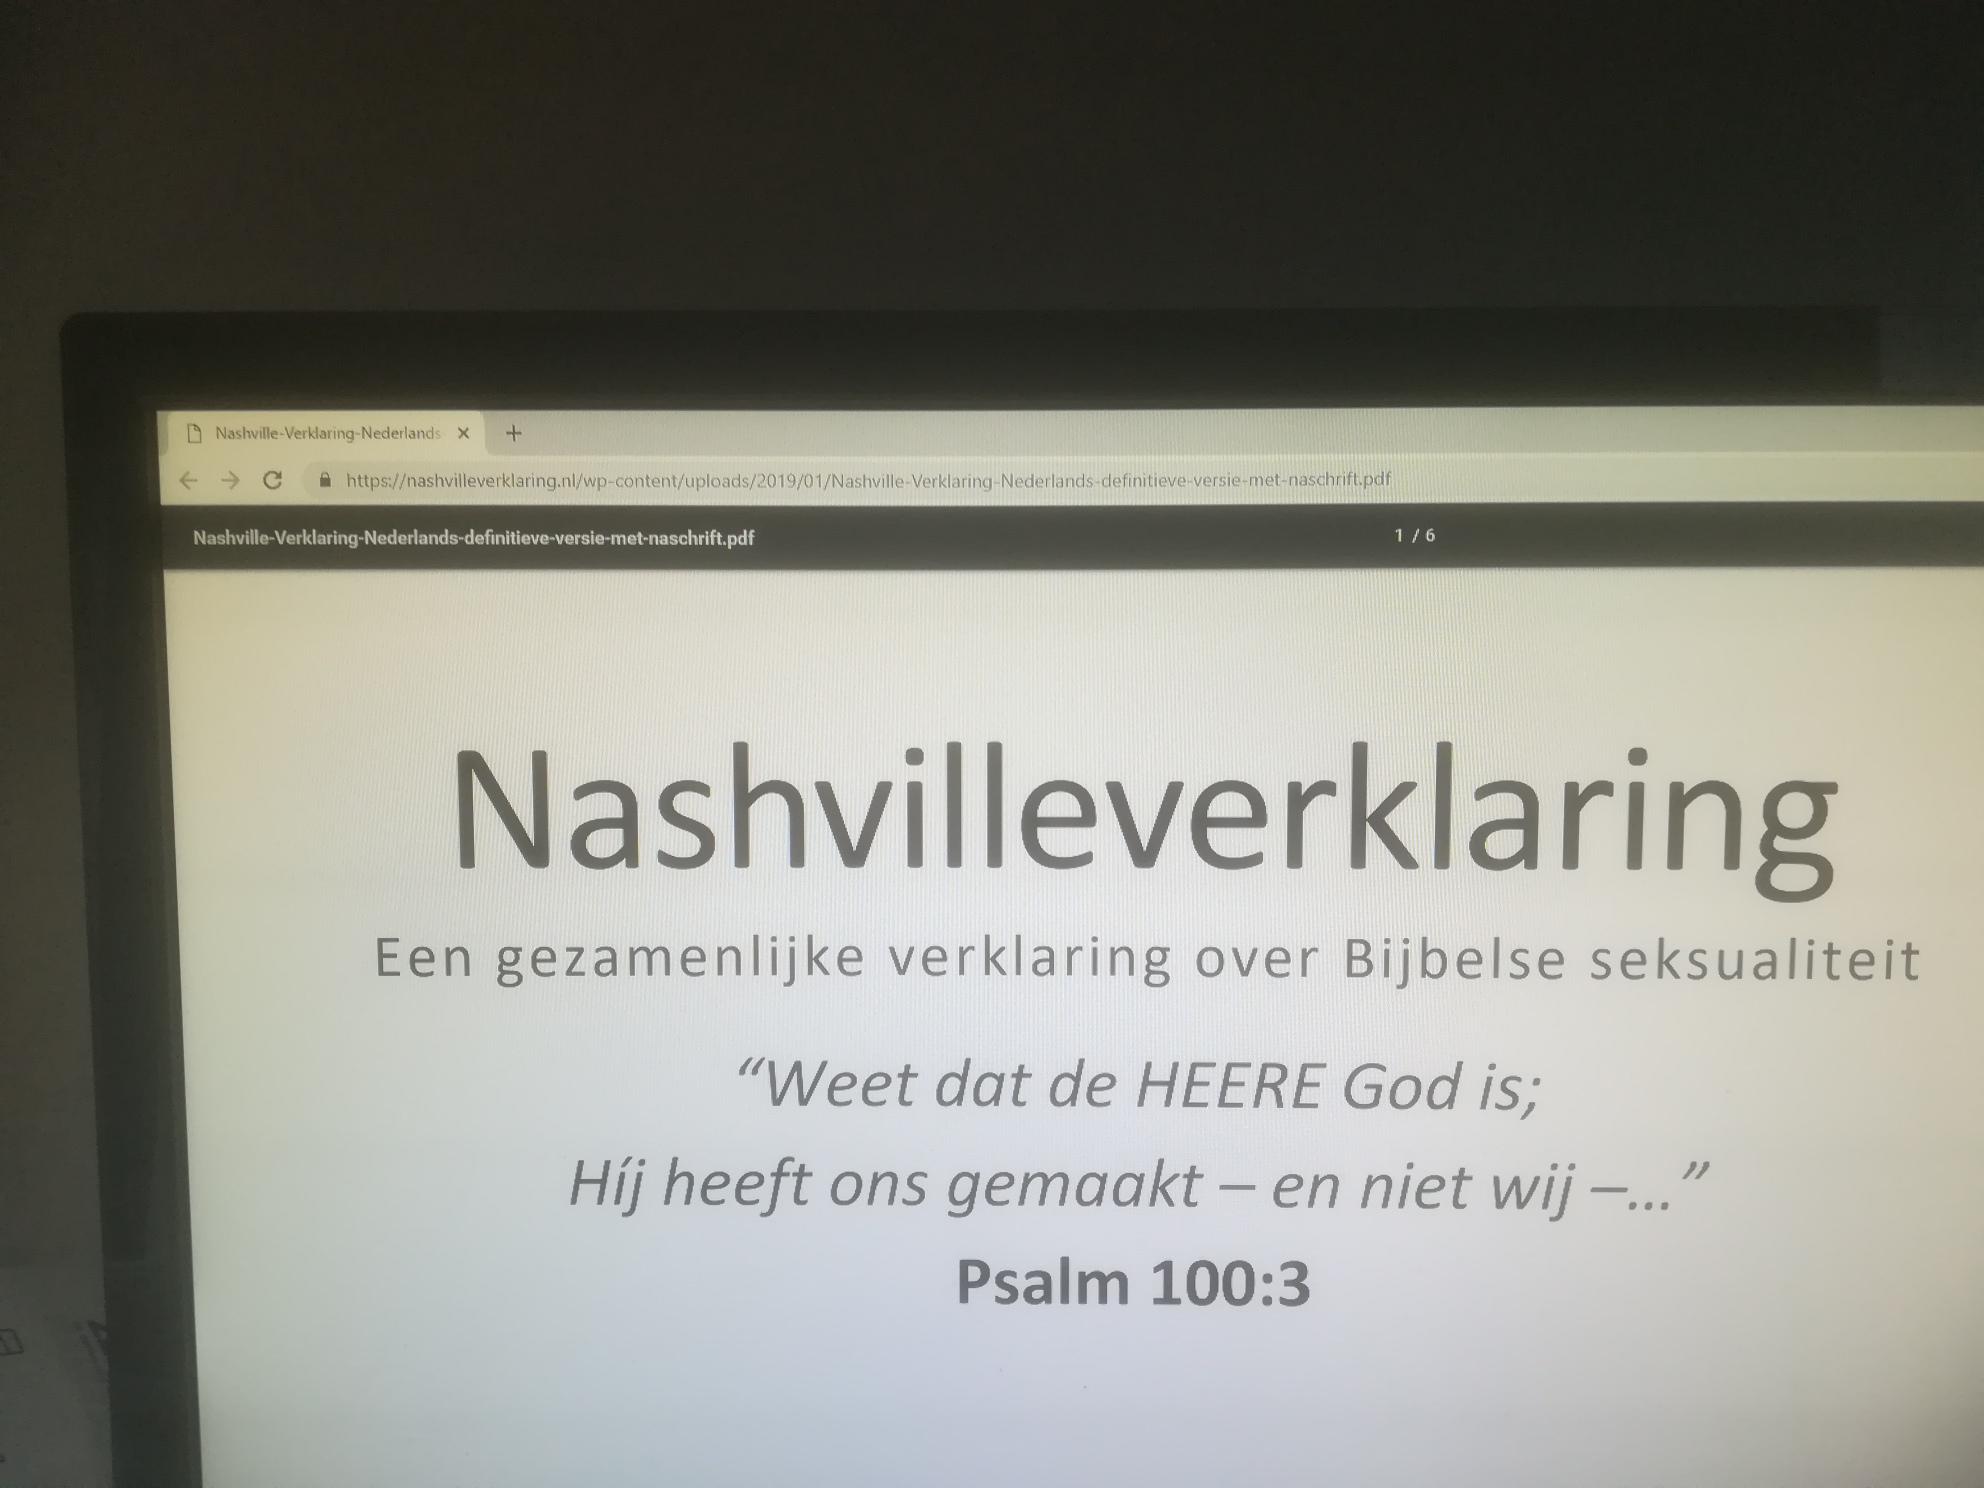 De Nashville Verklaring en de noodzaak van goede theologie